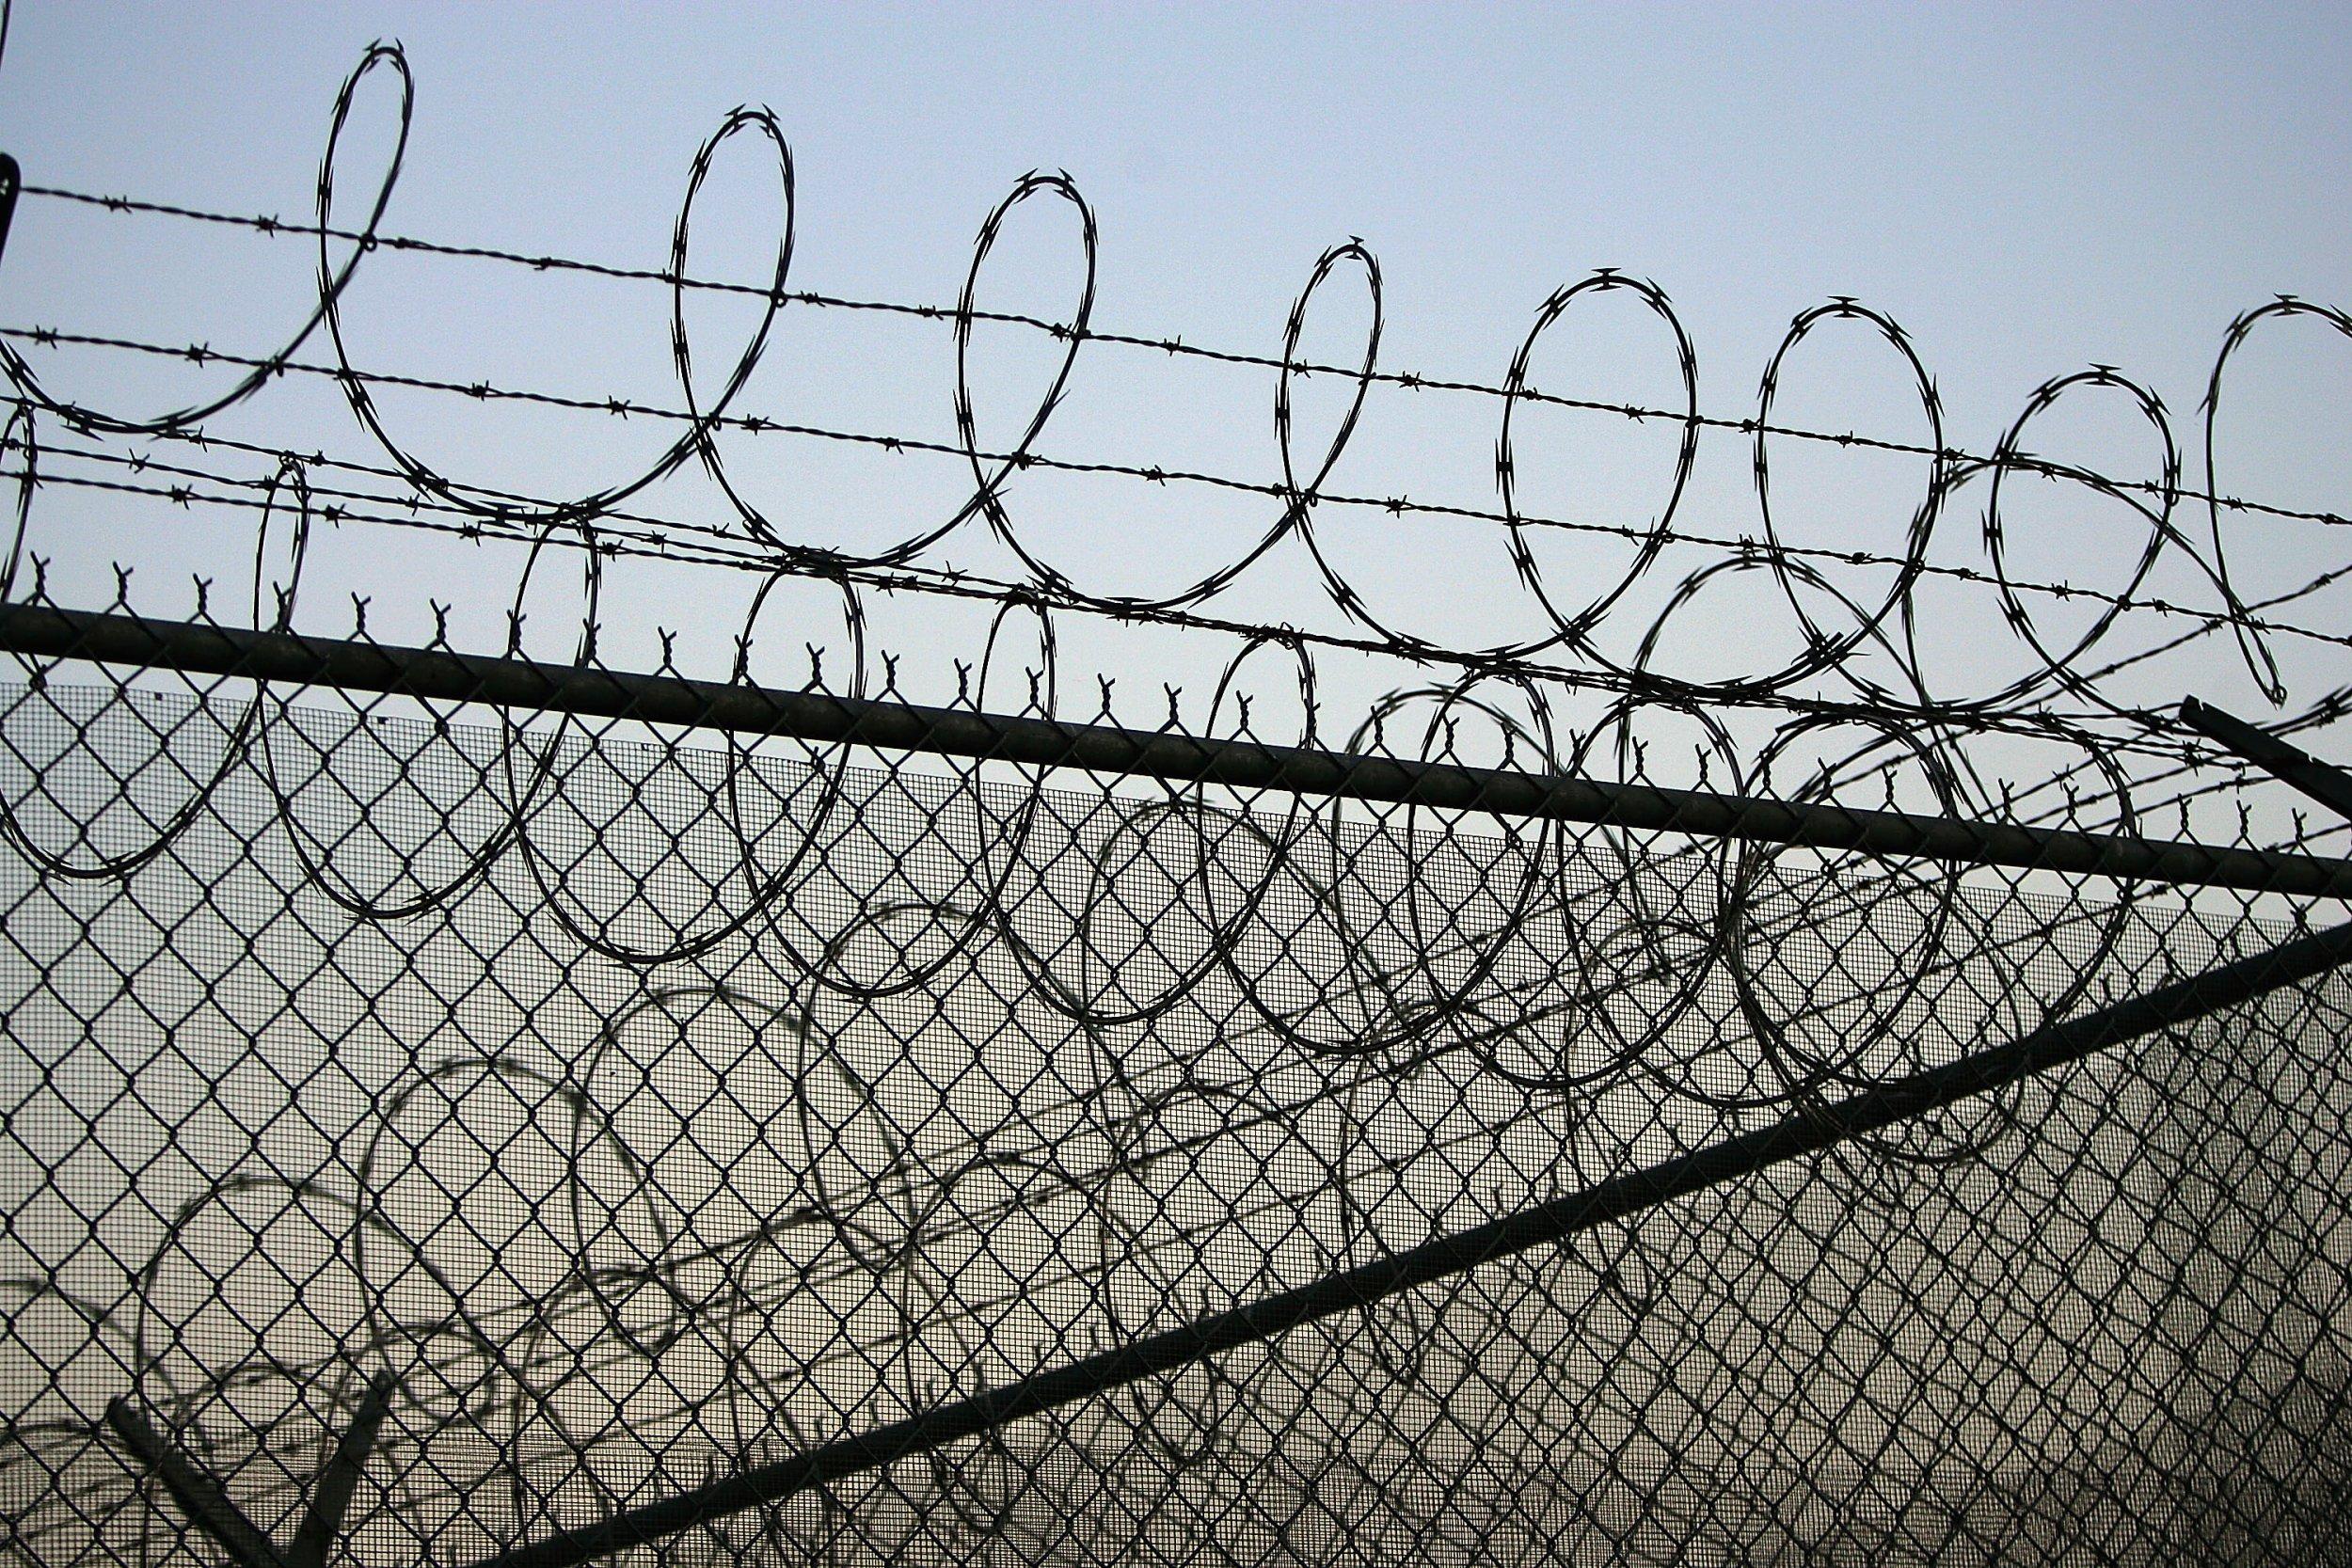 01_30_Jail_01